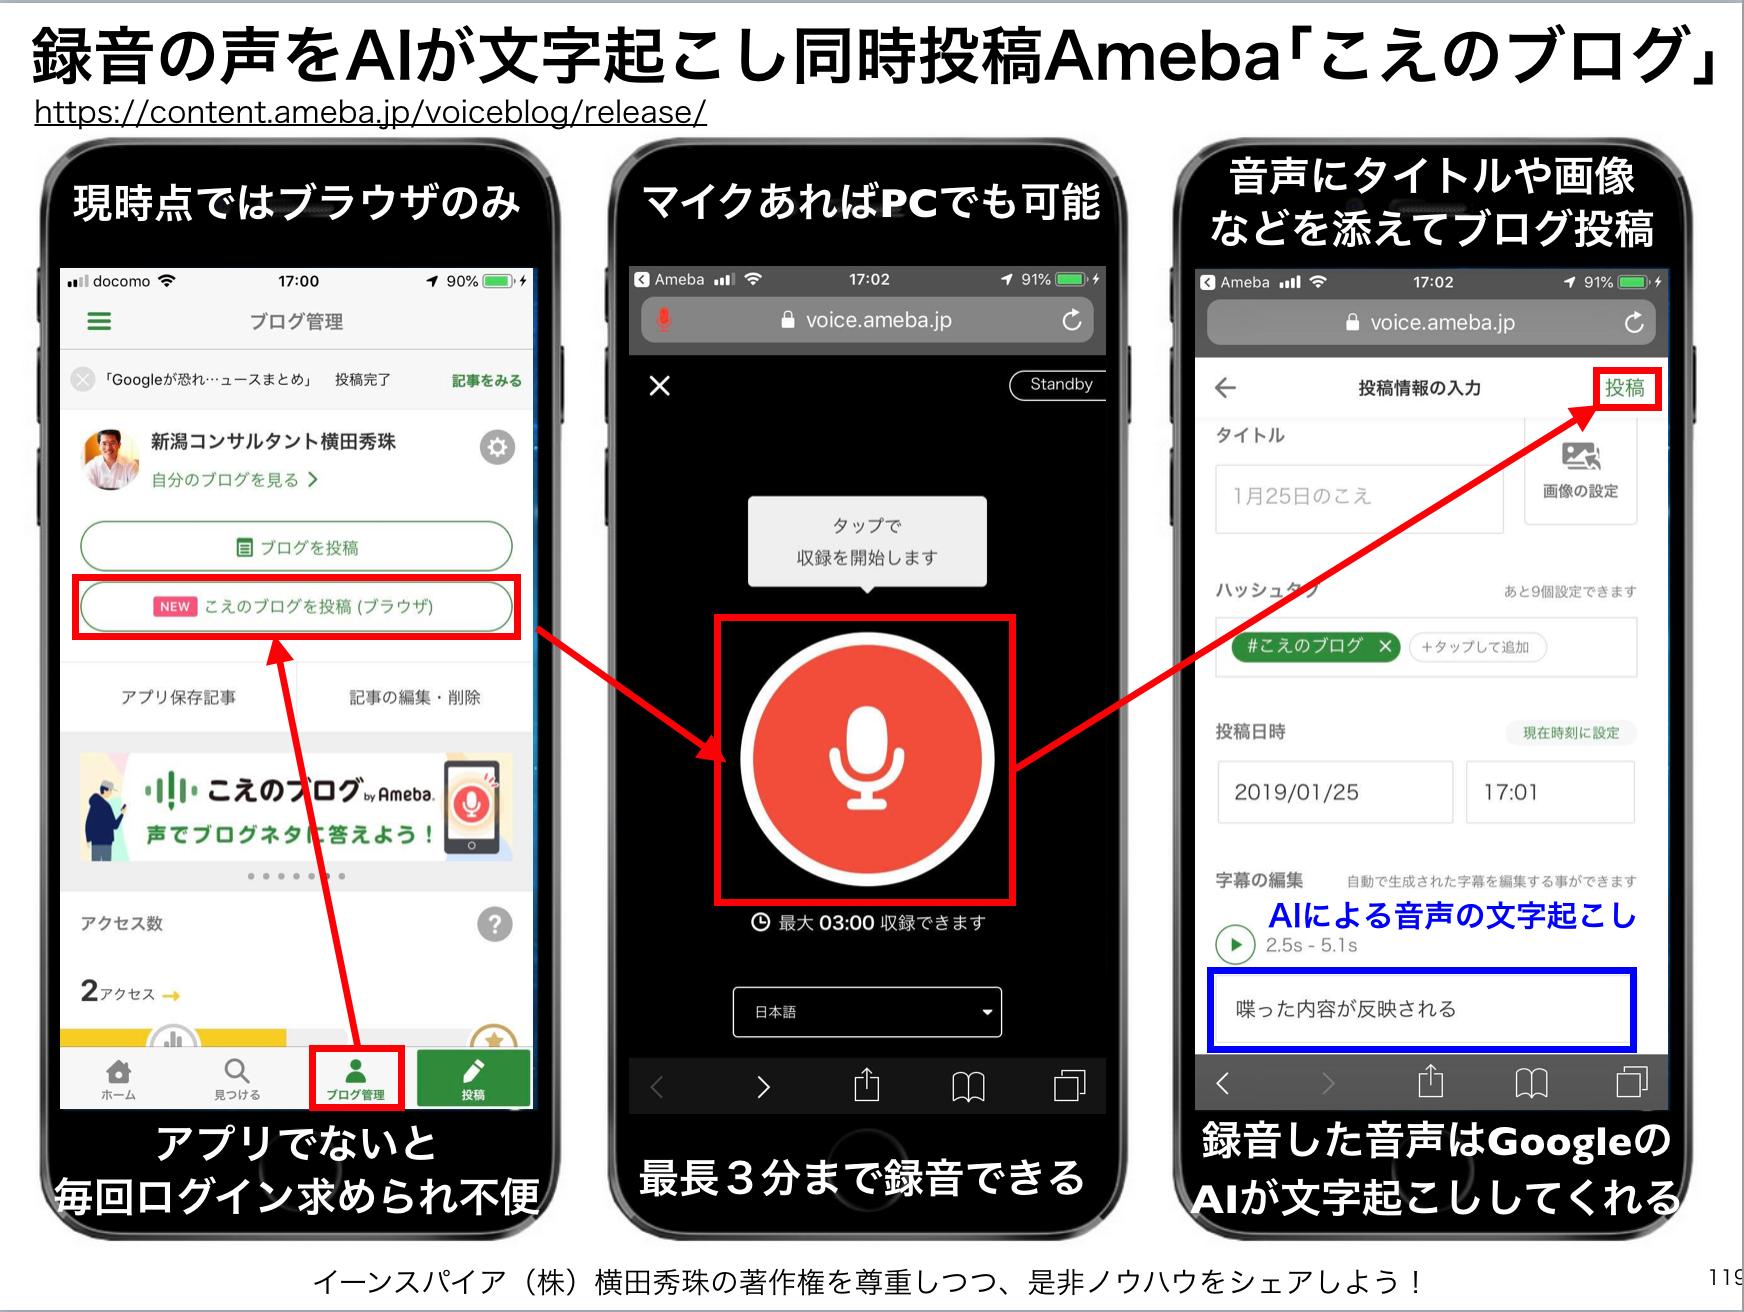 録音した声をAIが文字起こし同時投稿Ameba「こえのブログ」